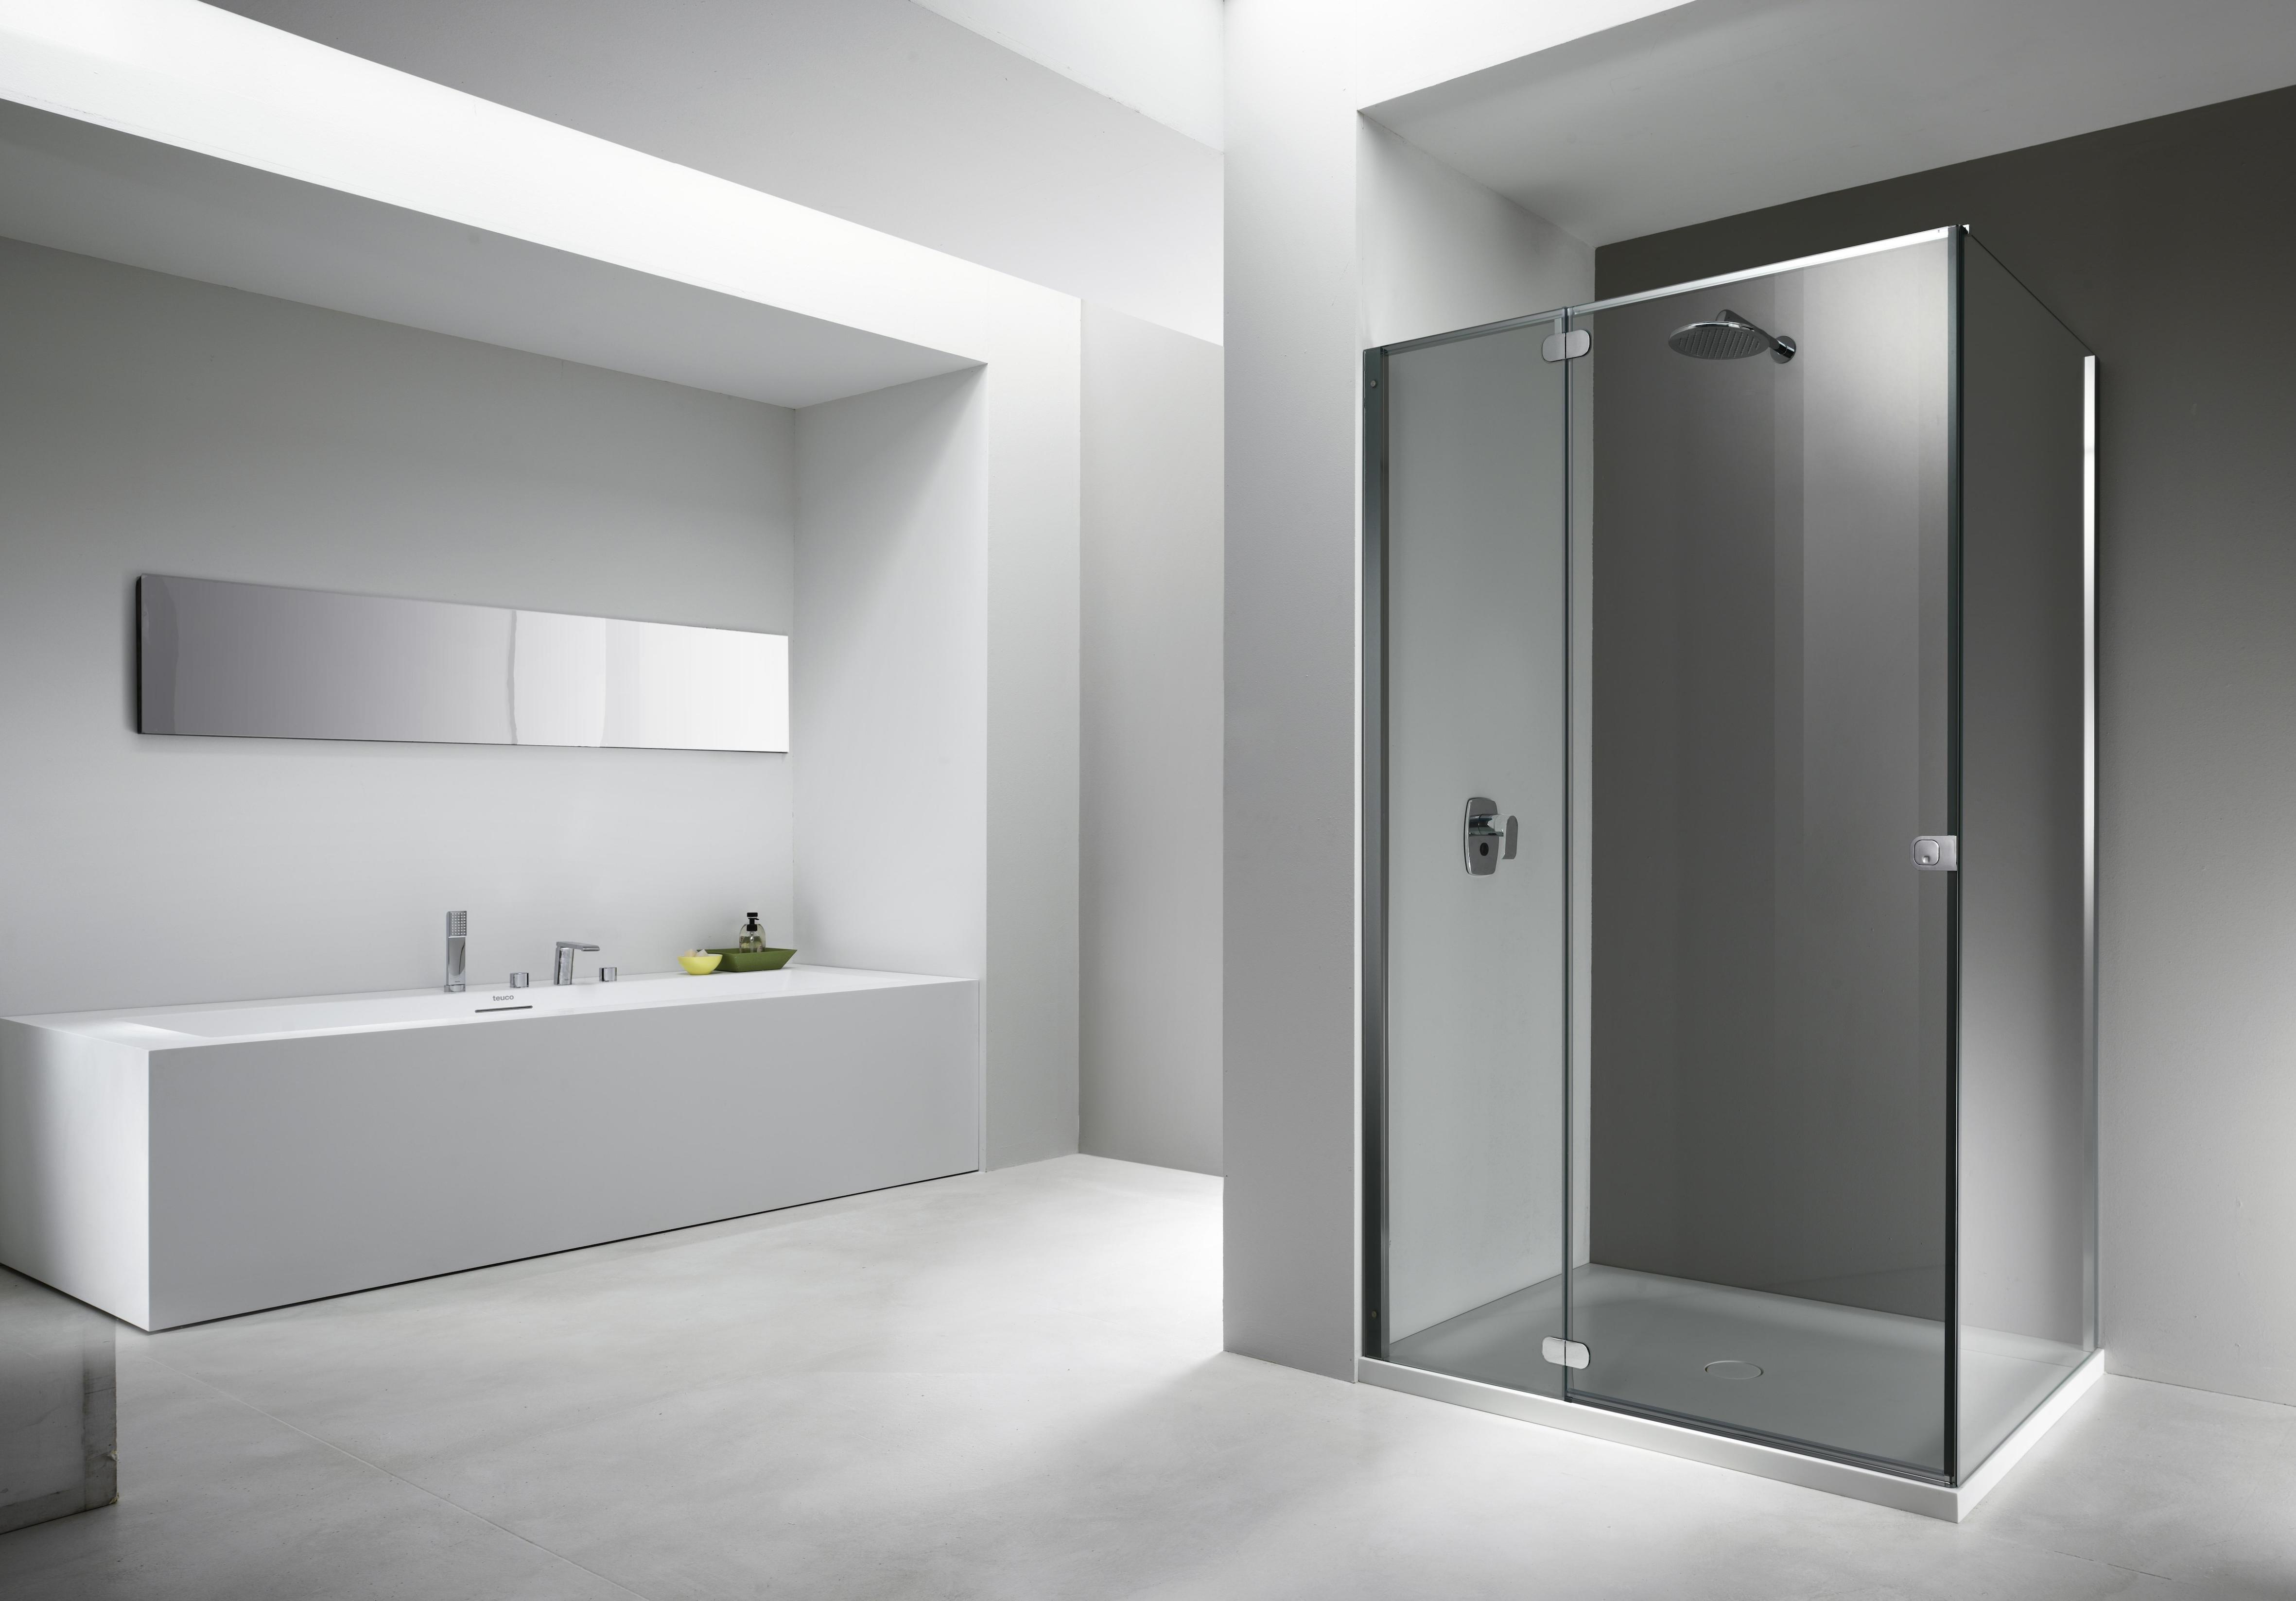 Cabine doccia senza telaio: i vantaggi del design minimal cose di casa